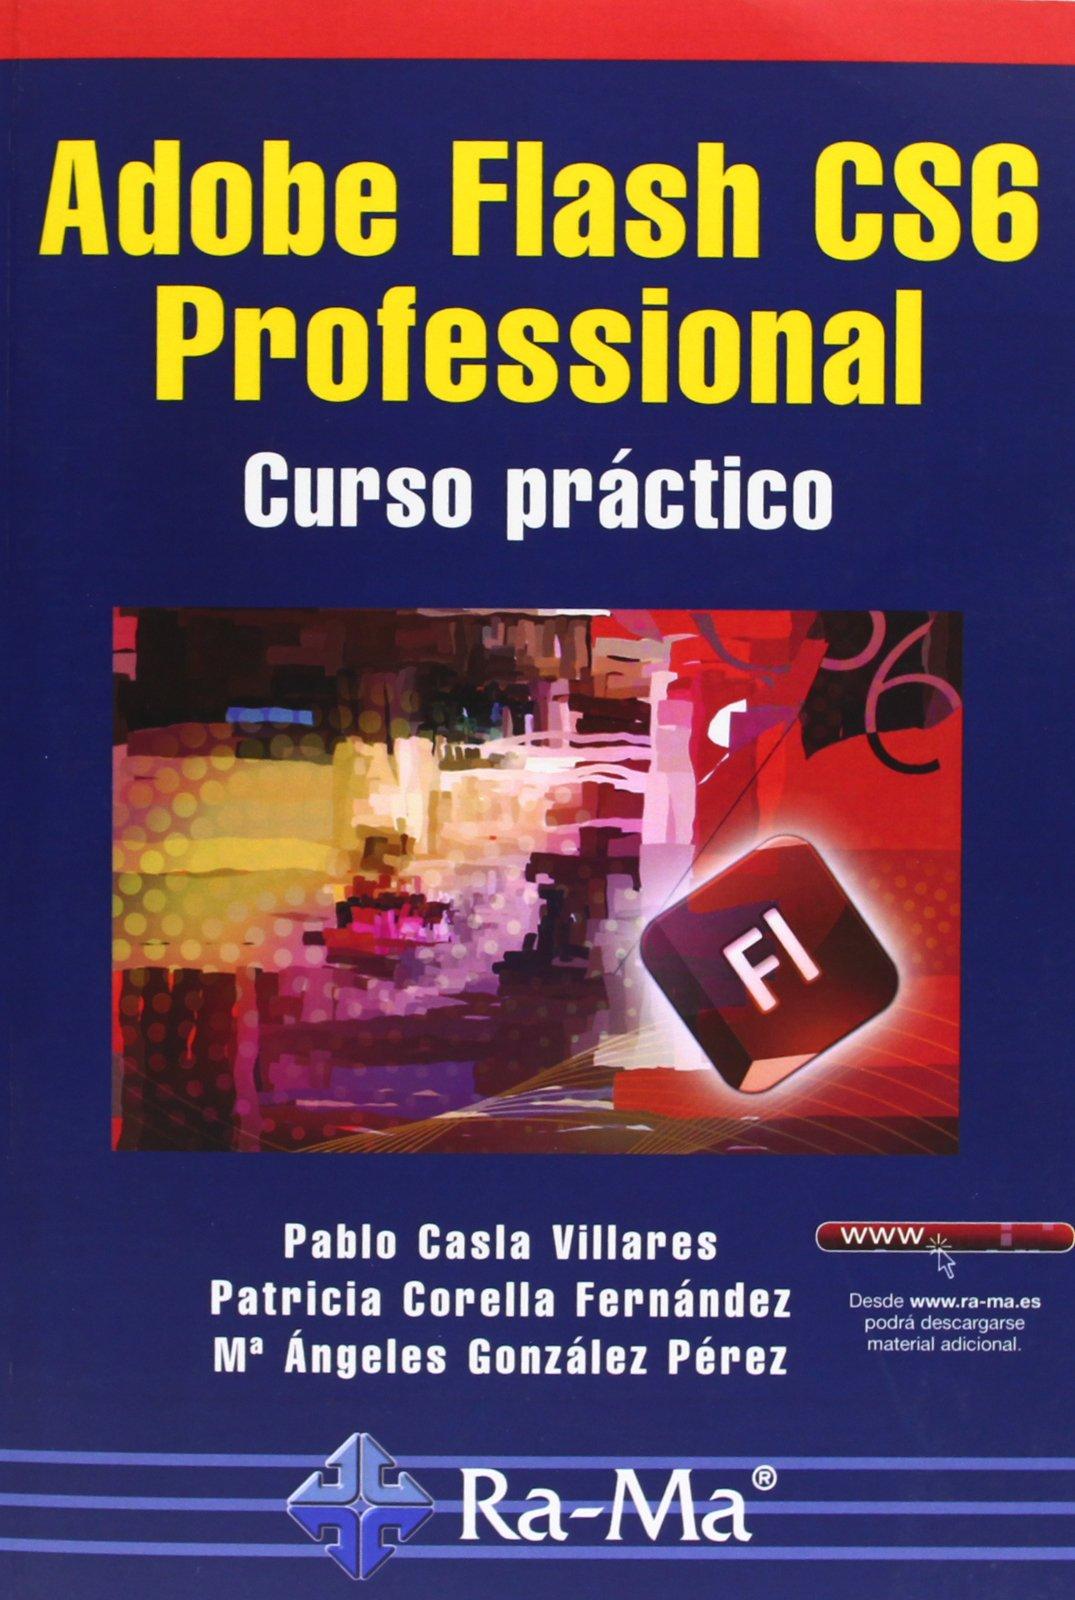 Adobe Flash CS6 Professional. Curso Práctico Tapa blanda – 30 abr 2013 Pablo Casla Villares ANTONIO GARCIA TOME Ra-Ma 8499642209